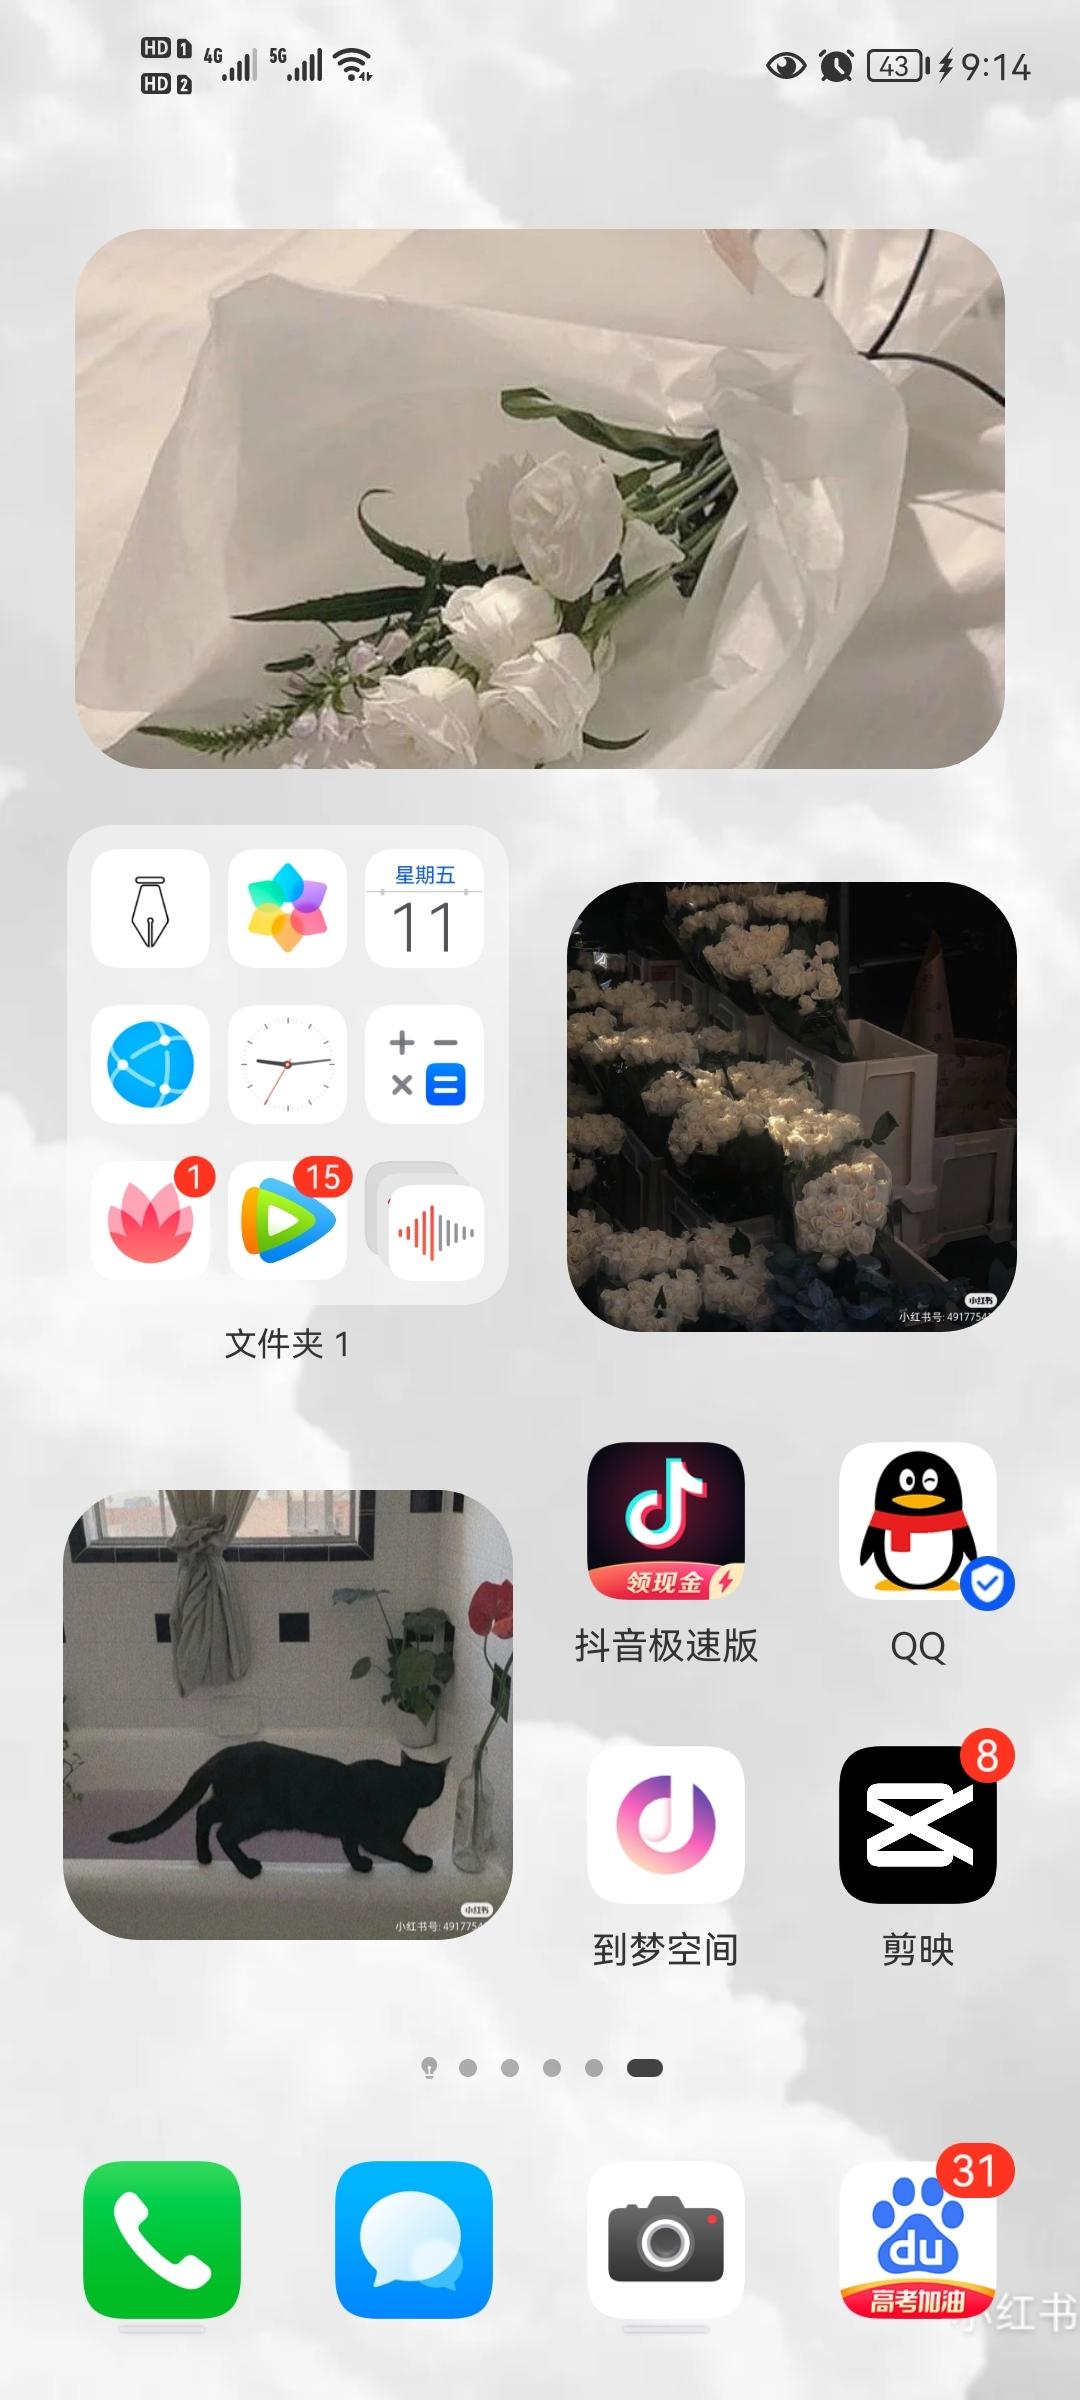 Screenshot_20210611_211435_com.huawei.android.launcher.jpg